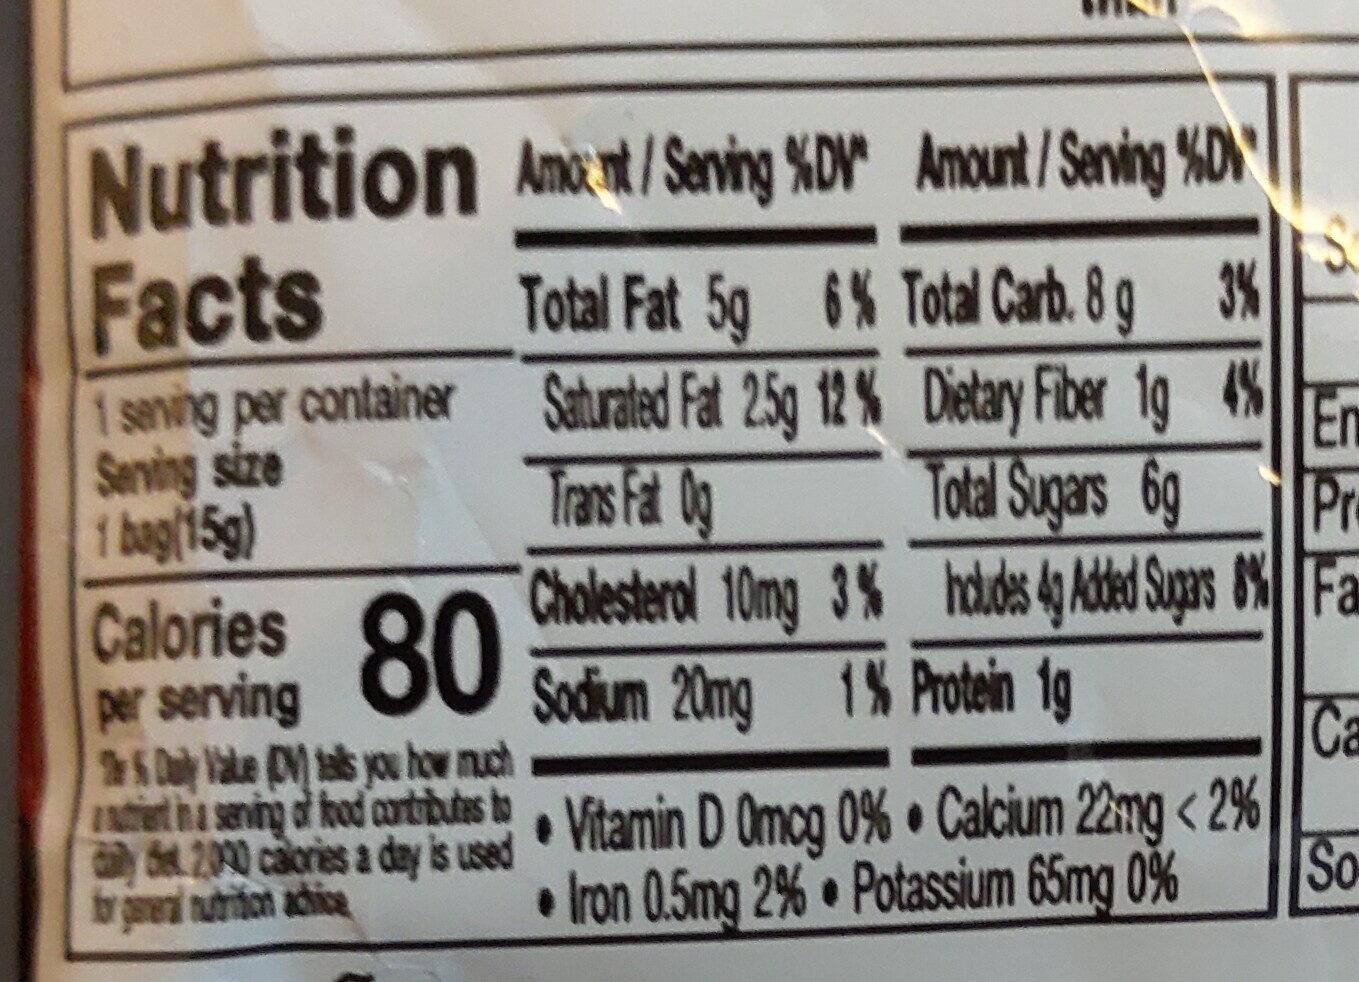 ยูโร่เบเกอรี่บอล - Informations nutritionnelles - th